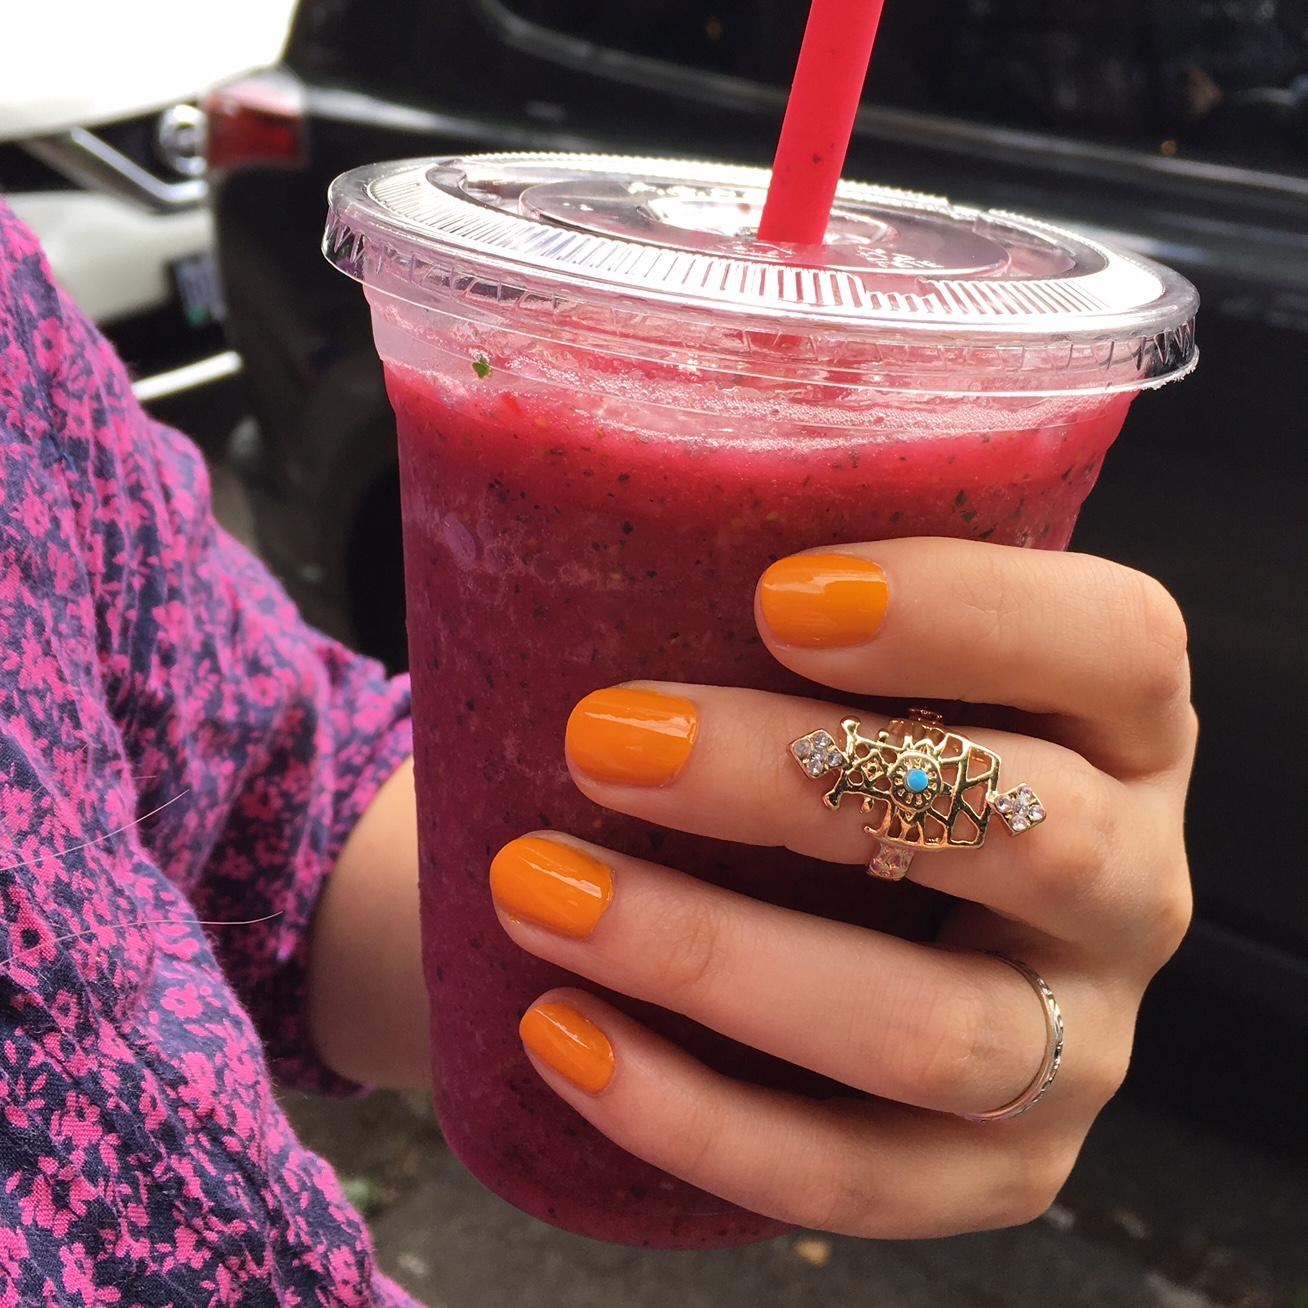 LVX Saffron manicure